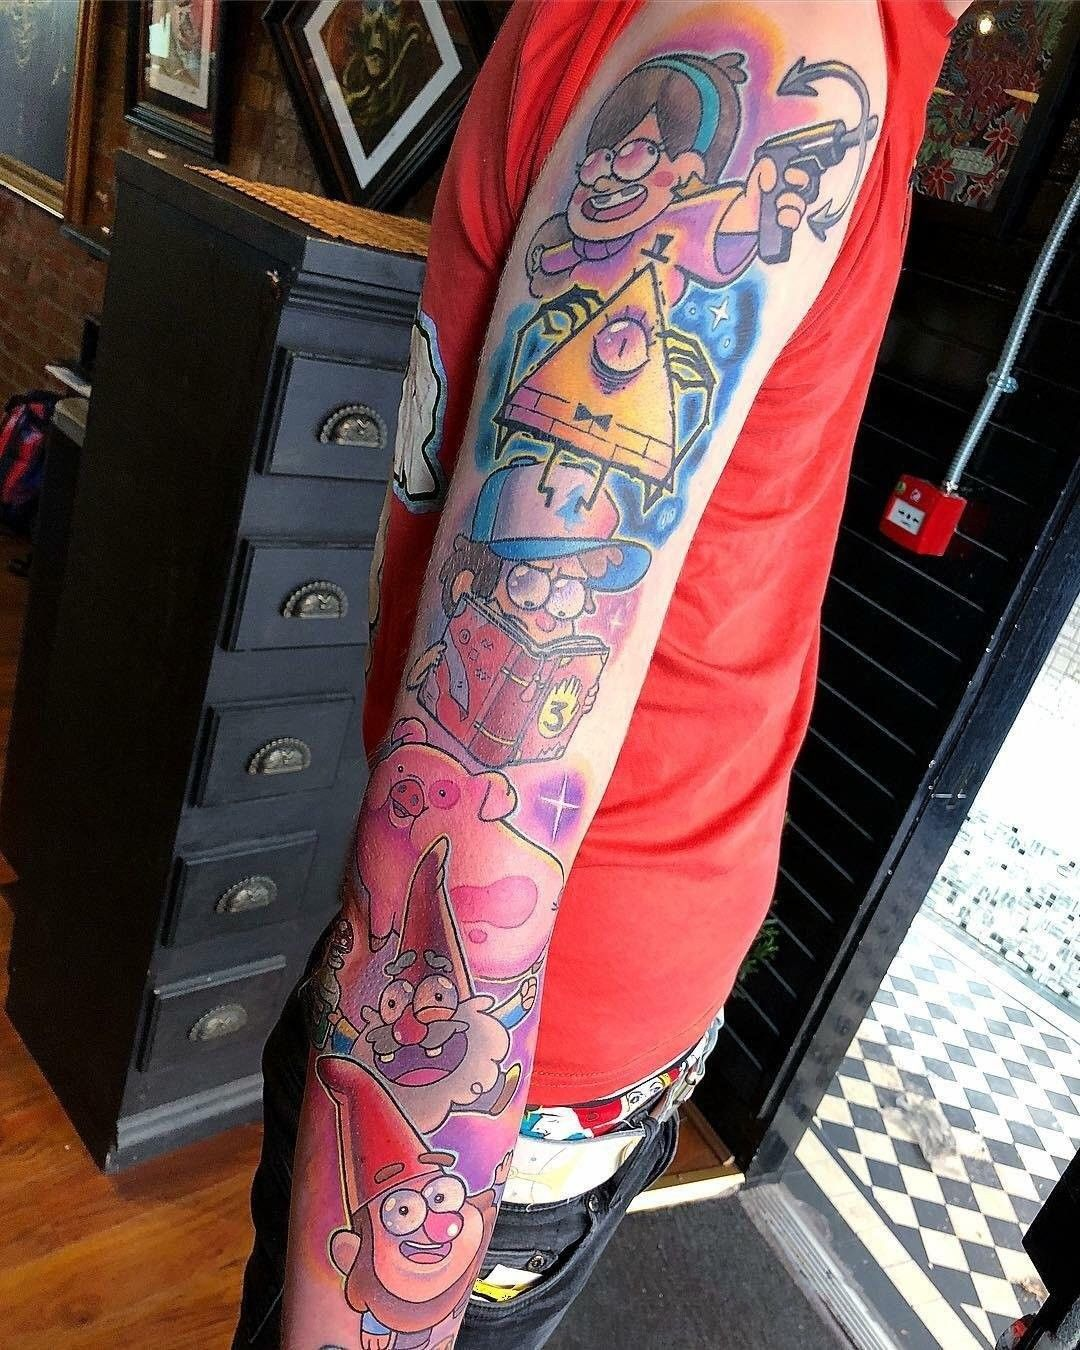 Geek Tattoos Colourful Gravity Falls Tattoo Sleeve Gravityfalls Geek Gravity Falls Autumn Tattoo Gravity Falls Cosplay